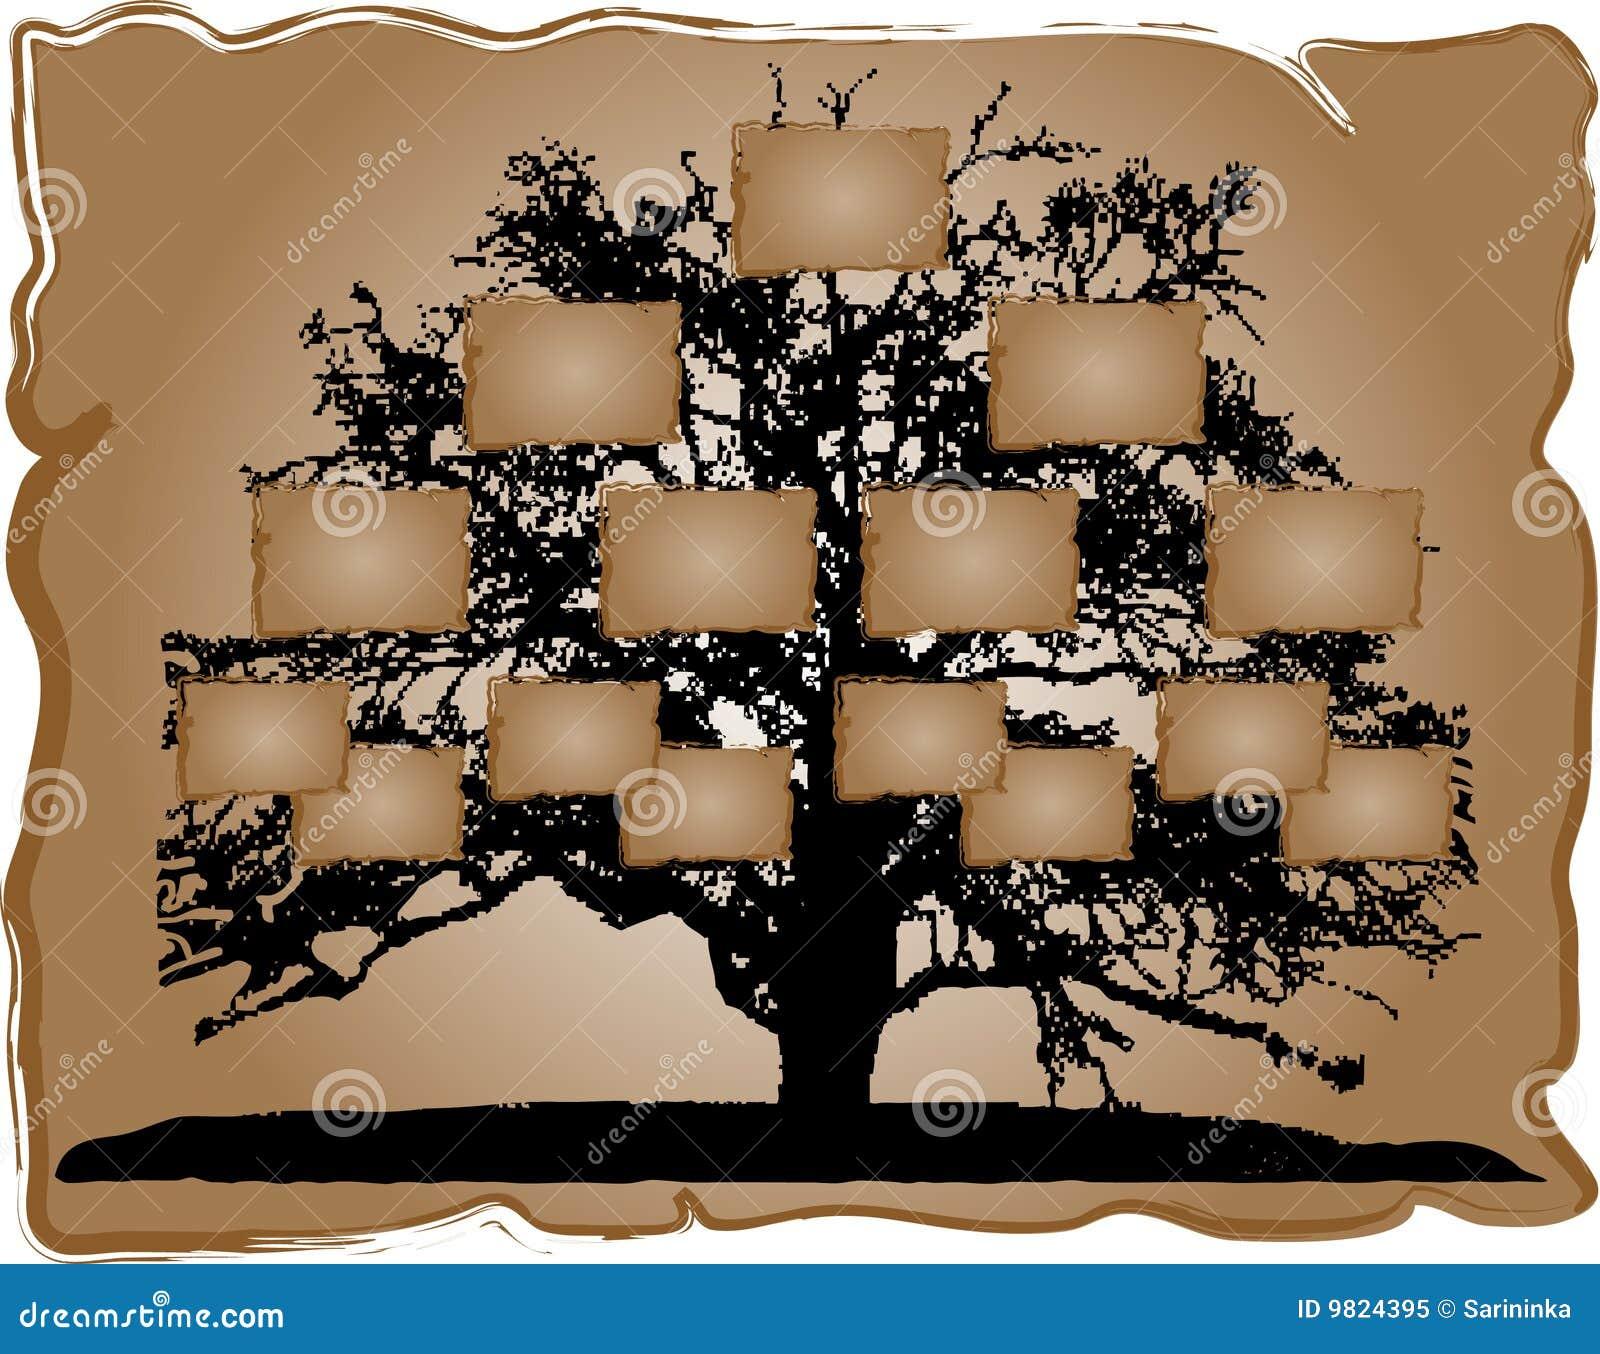 Rbol geneal gico foto de archivo libre de regal as - Diseno arbol genealogico ...